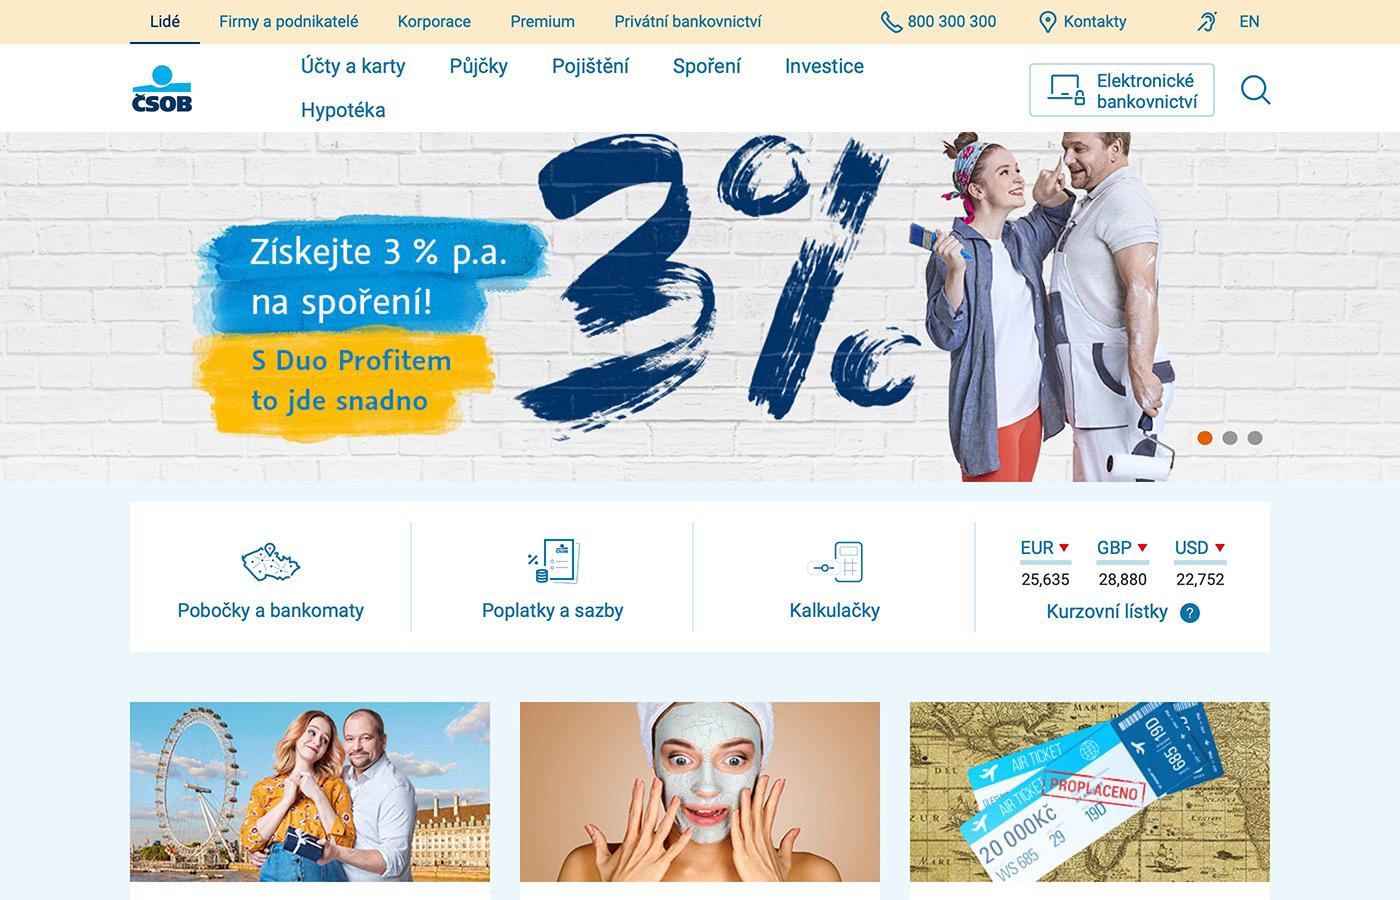 Náhled webových stránek www.csob.cz/portal/lide/pujcky/pujcka-na-cokoliv